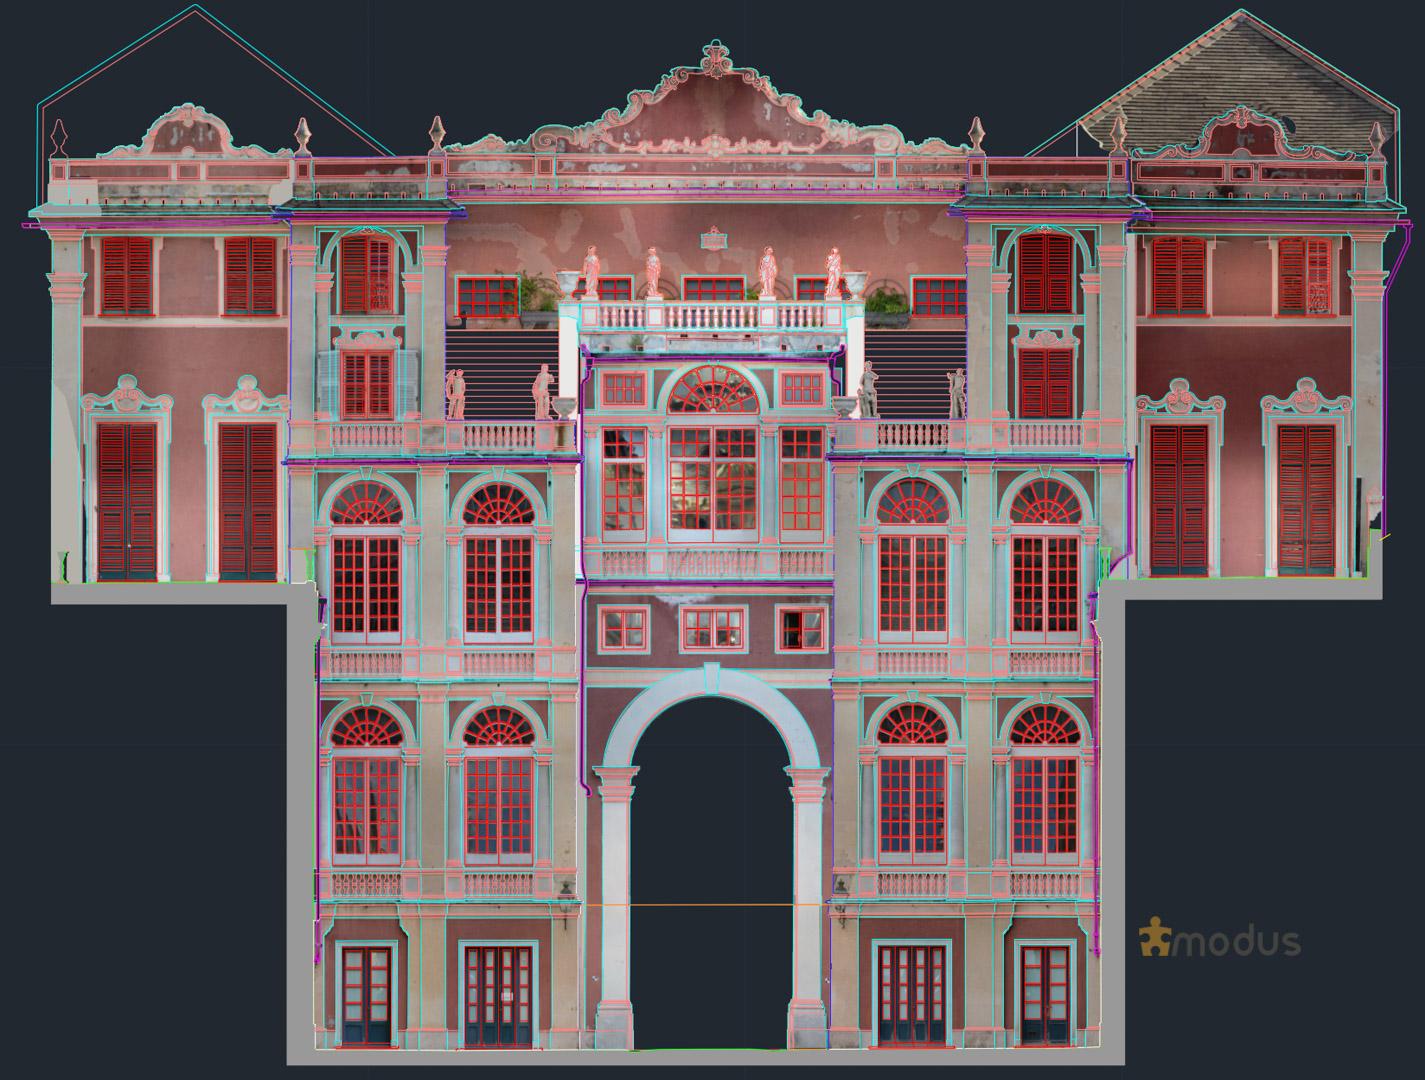 modus architecturae rilievo palazzo reale Genova